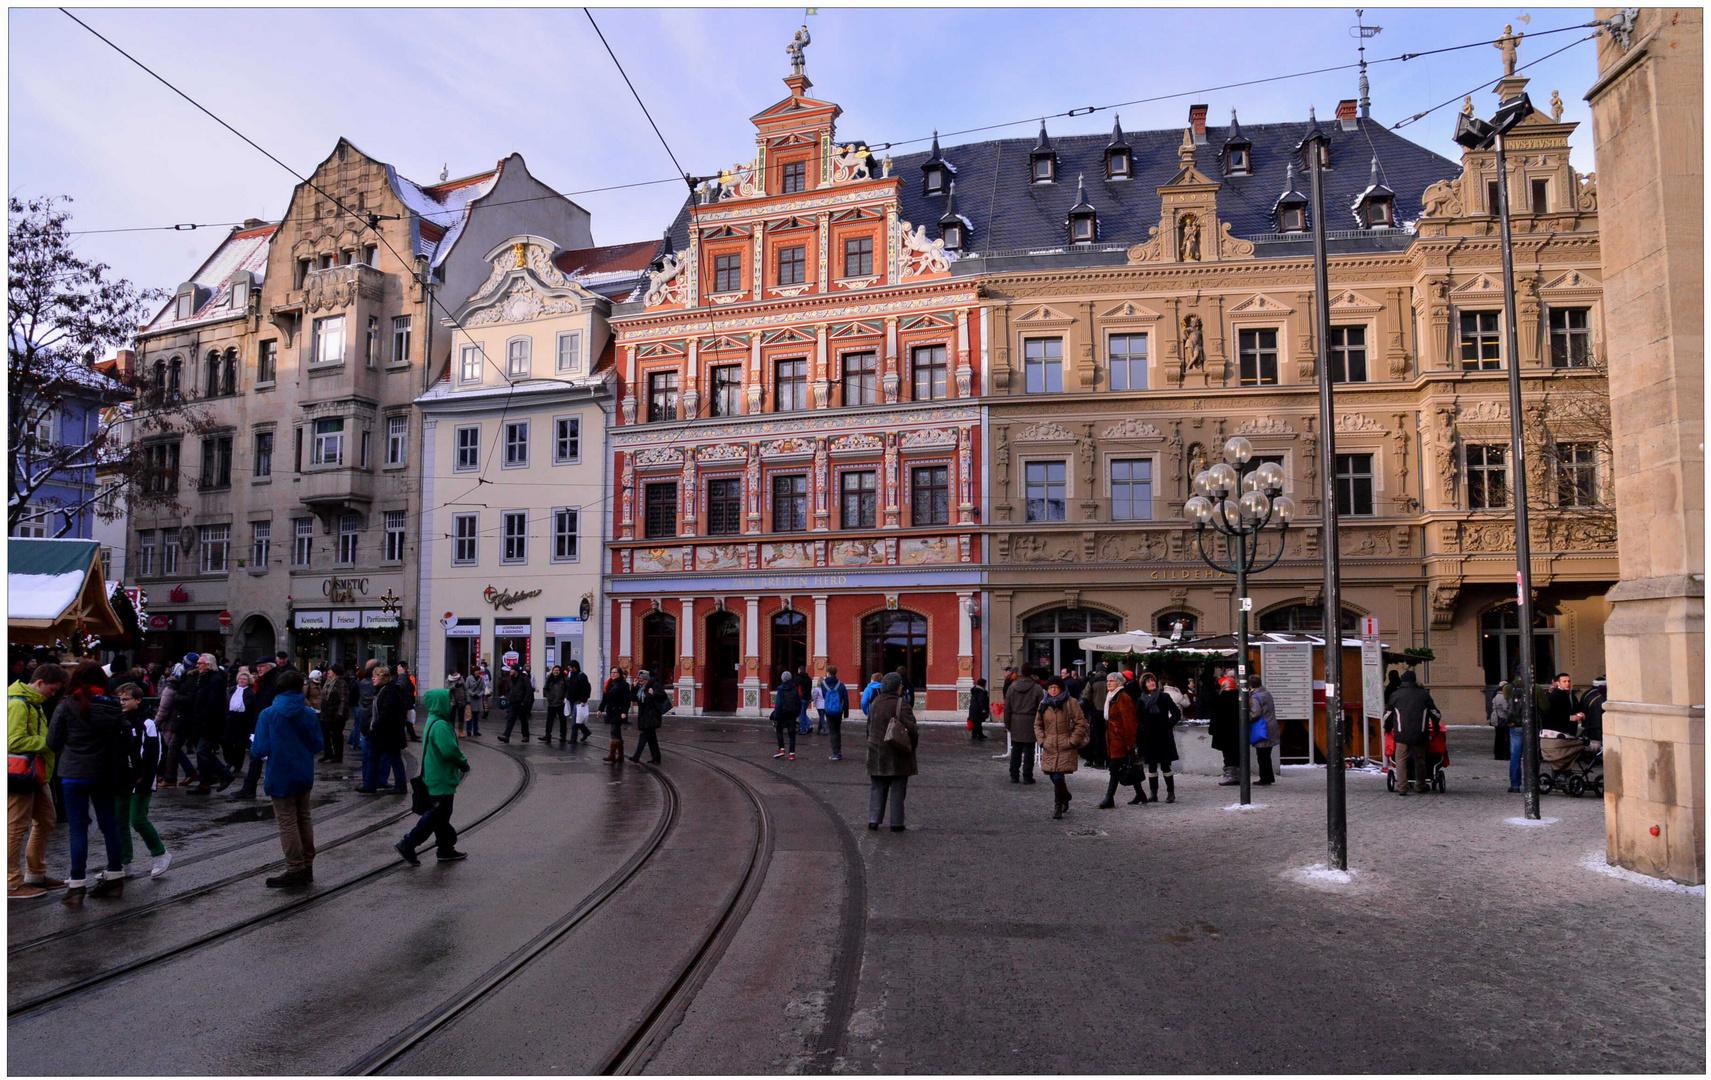 estar de visita en Erfurt, 10 (Besuch in Erfurt, 10)